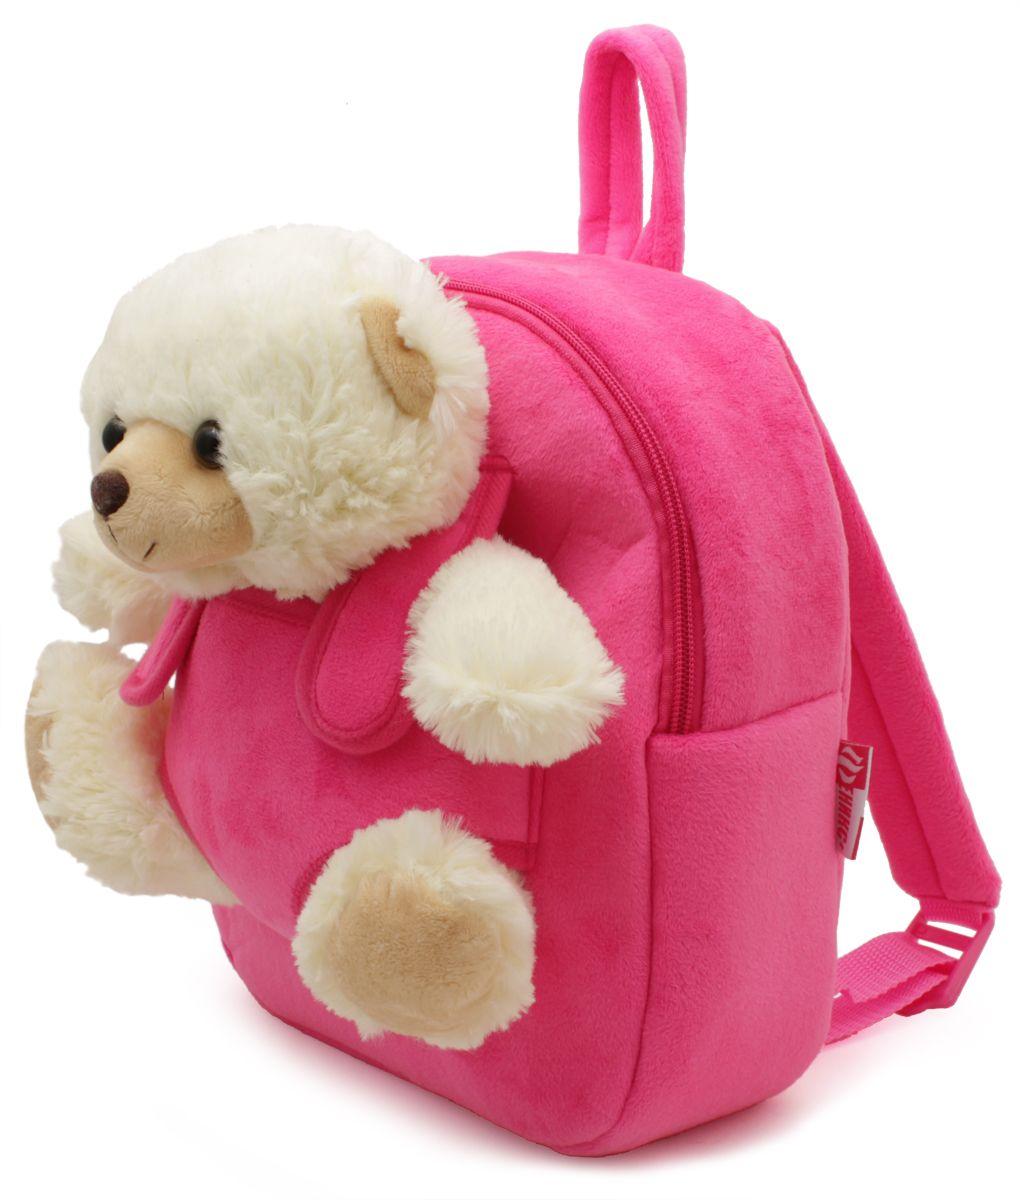 Феникс+ Рюкзак детский Белый мишка цвет розовый72523WDРазмер: 26 x 21 x 8,5 см.Материал: полиэстер.Съемная игрушка.